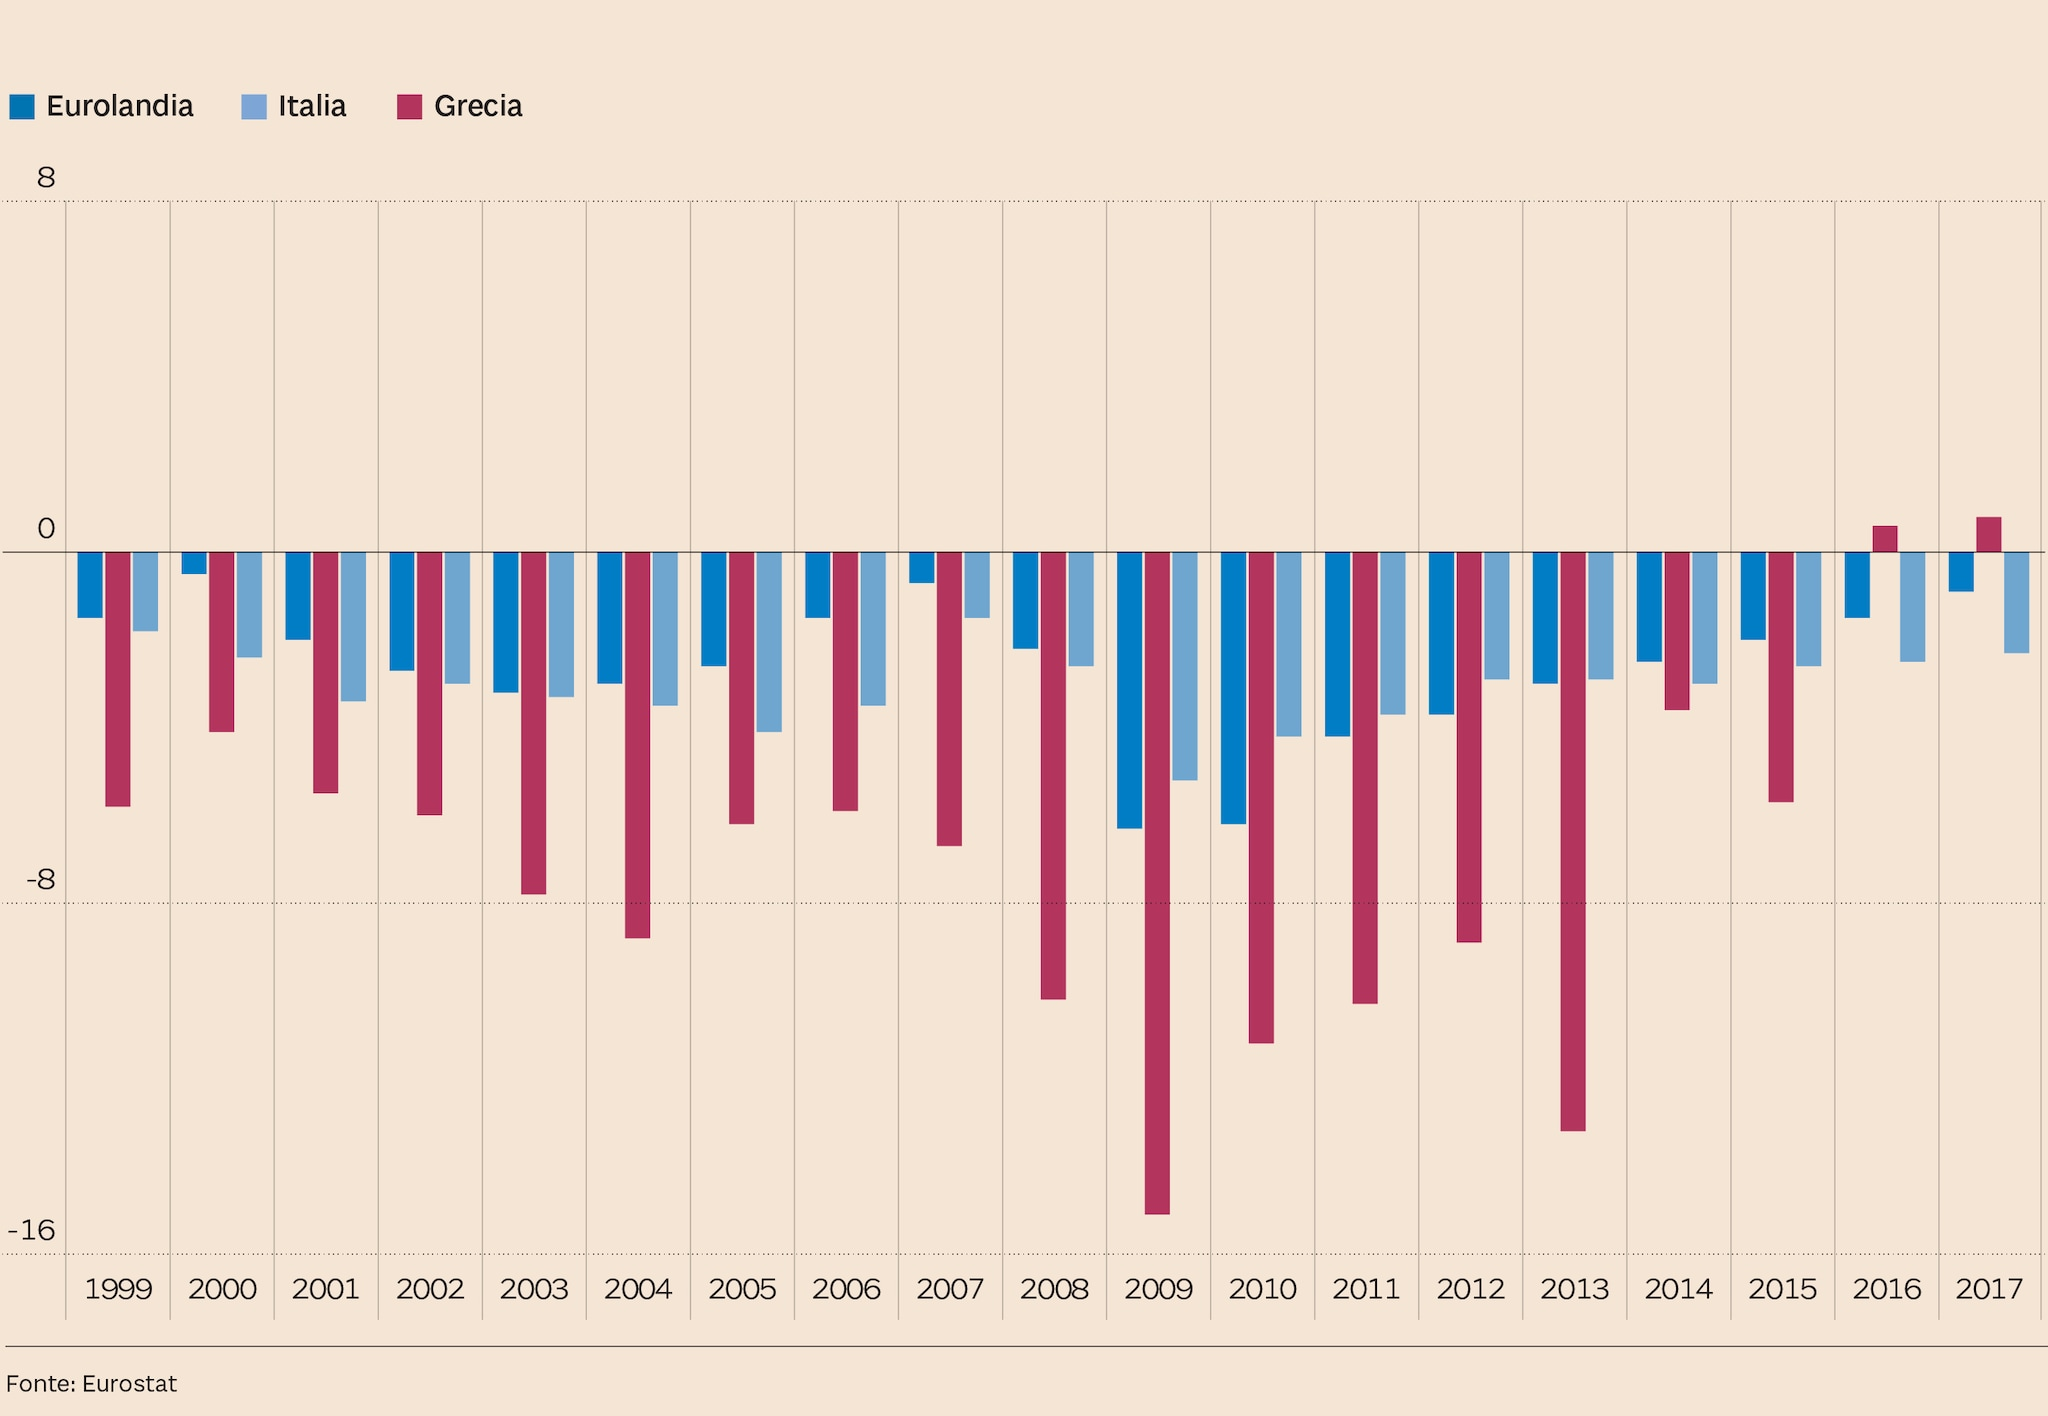 La Grecia Esce Dalla Crisi Ma Il Paese E A Pezzi A Confronto Il Prima E Il Dopo In 5 Grafici Il Sole 24 Ore